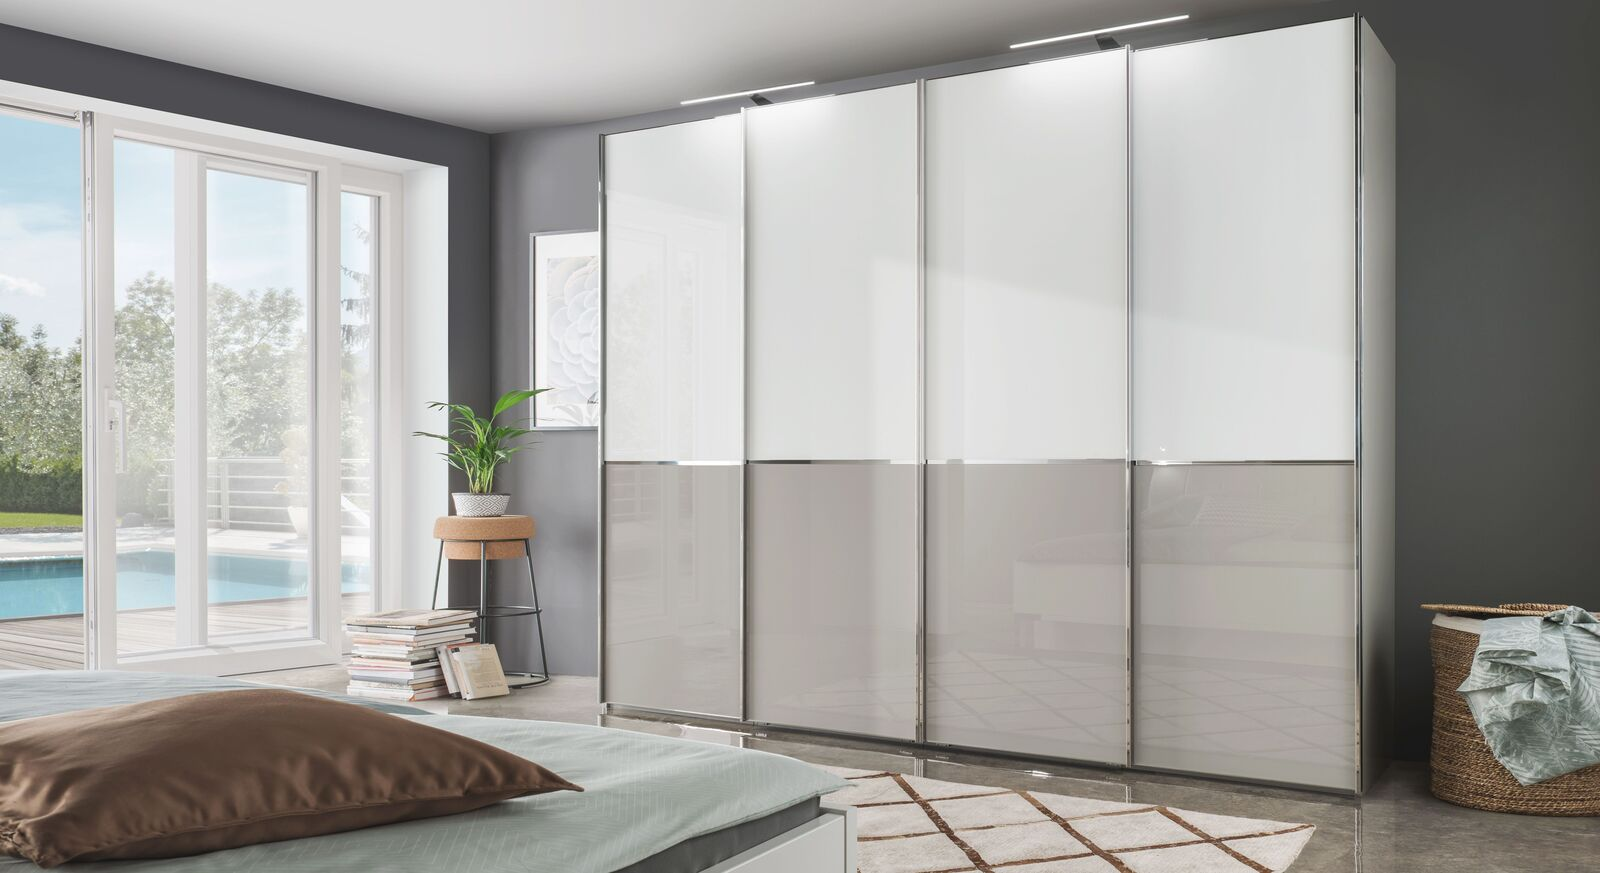 Schwebetüren-Kleiderschrank Shanvalley mit moderner Glasfront